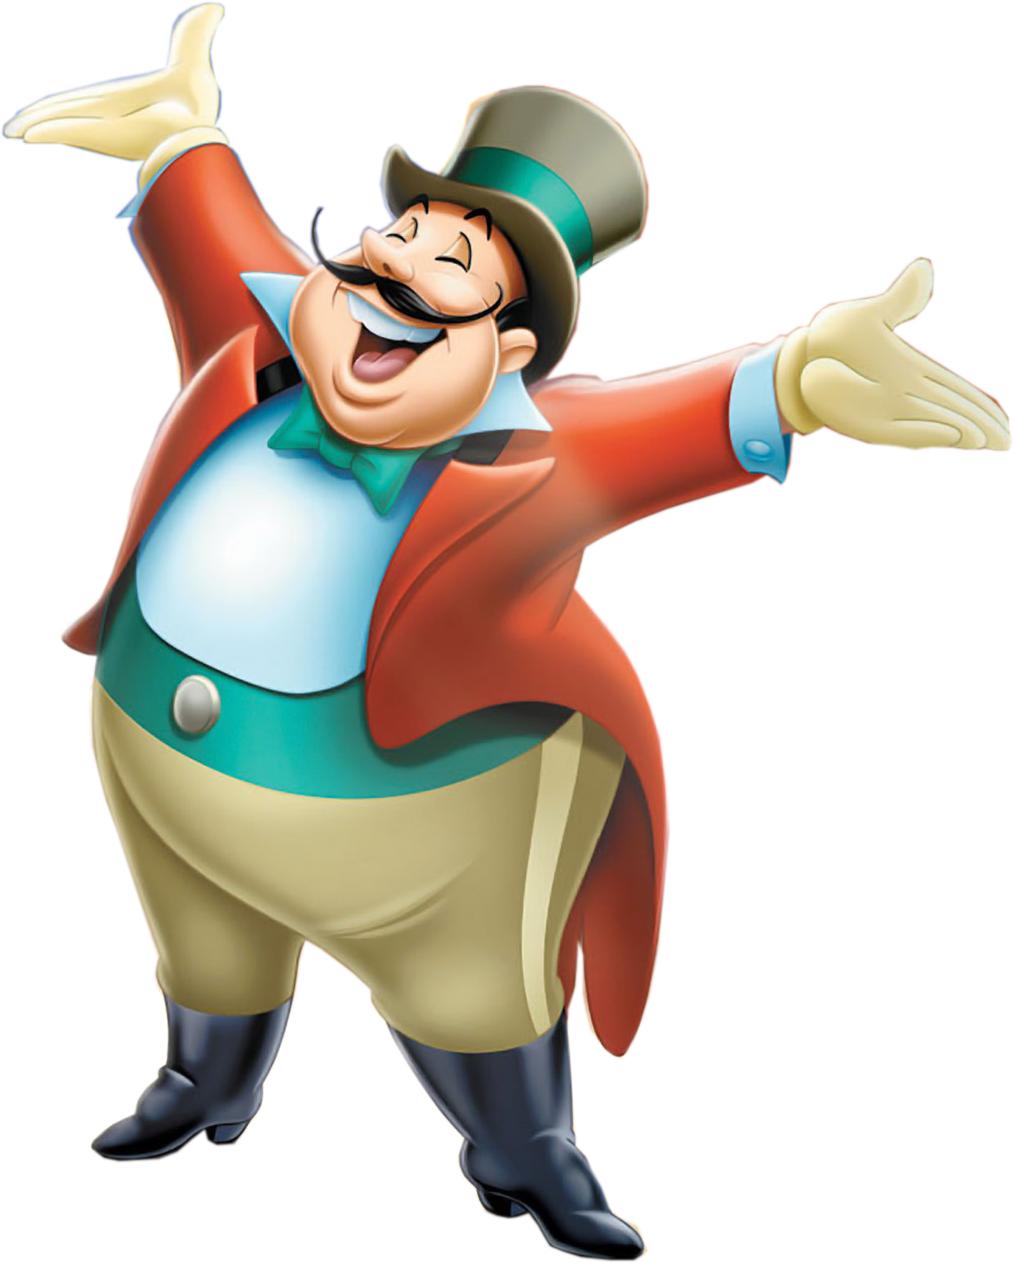 1014x1263 Ringmaster Disney Wiki Fandom Powered By Wikia